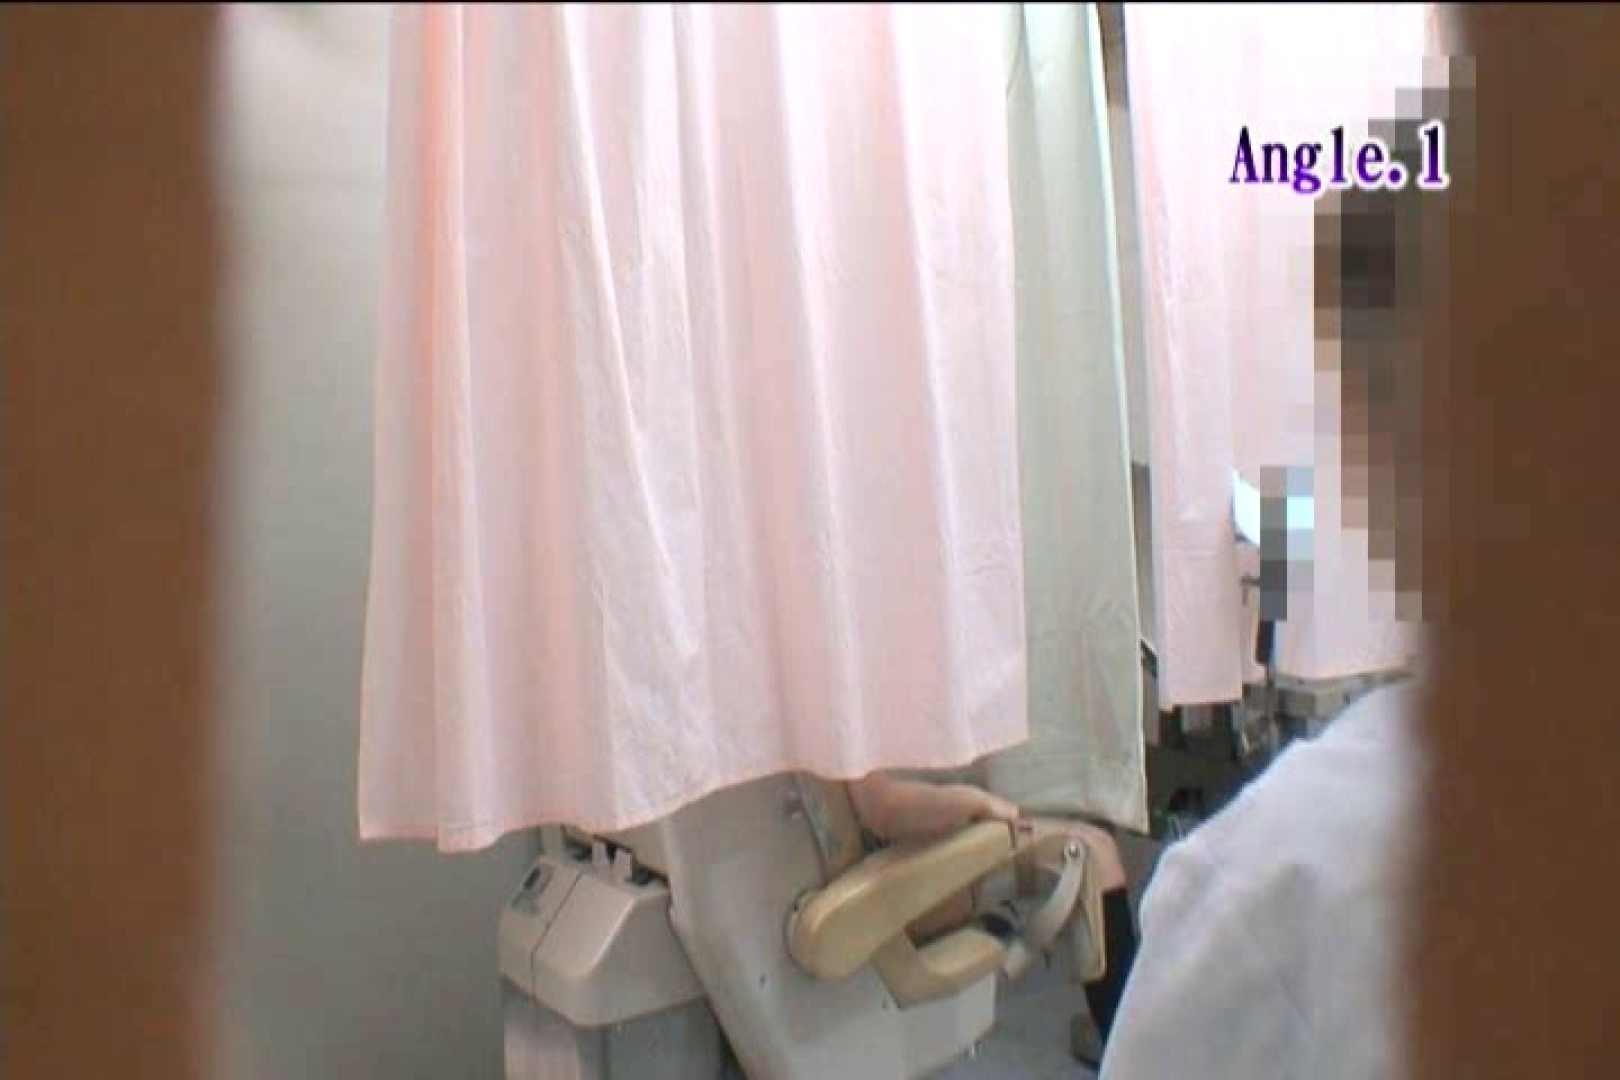 患者のおまんこをコレクションする変態医師の流出映像Vol.2 ワルノリ | エロティックなOL  86画像 37